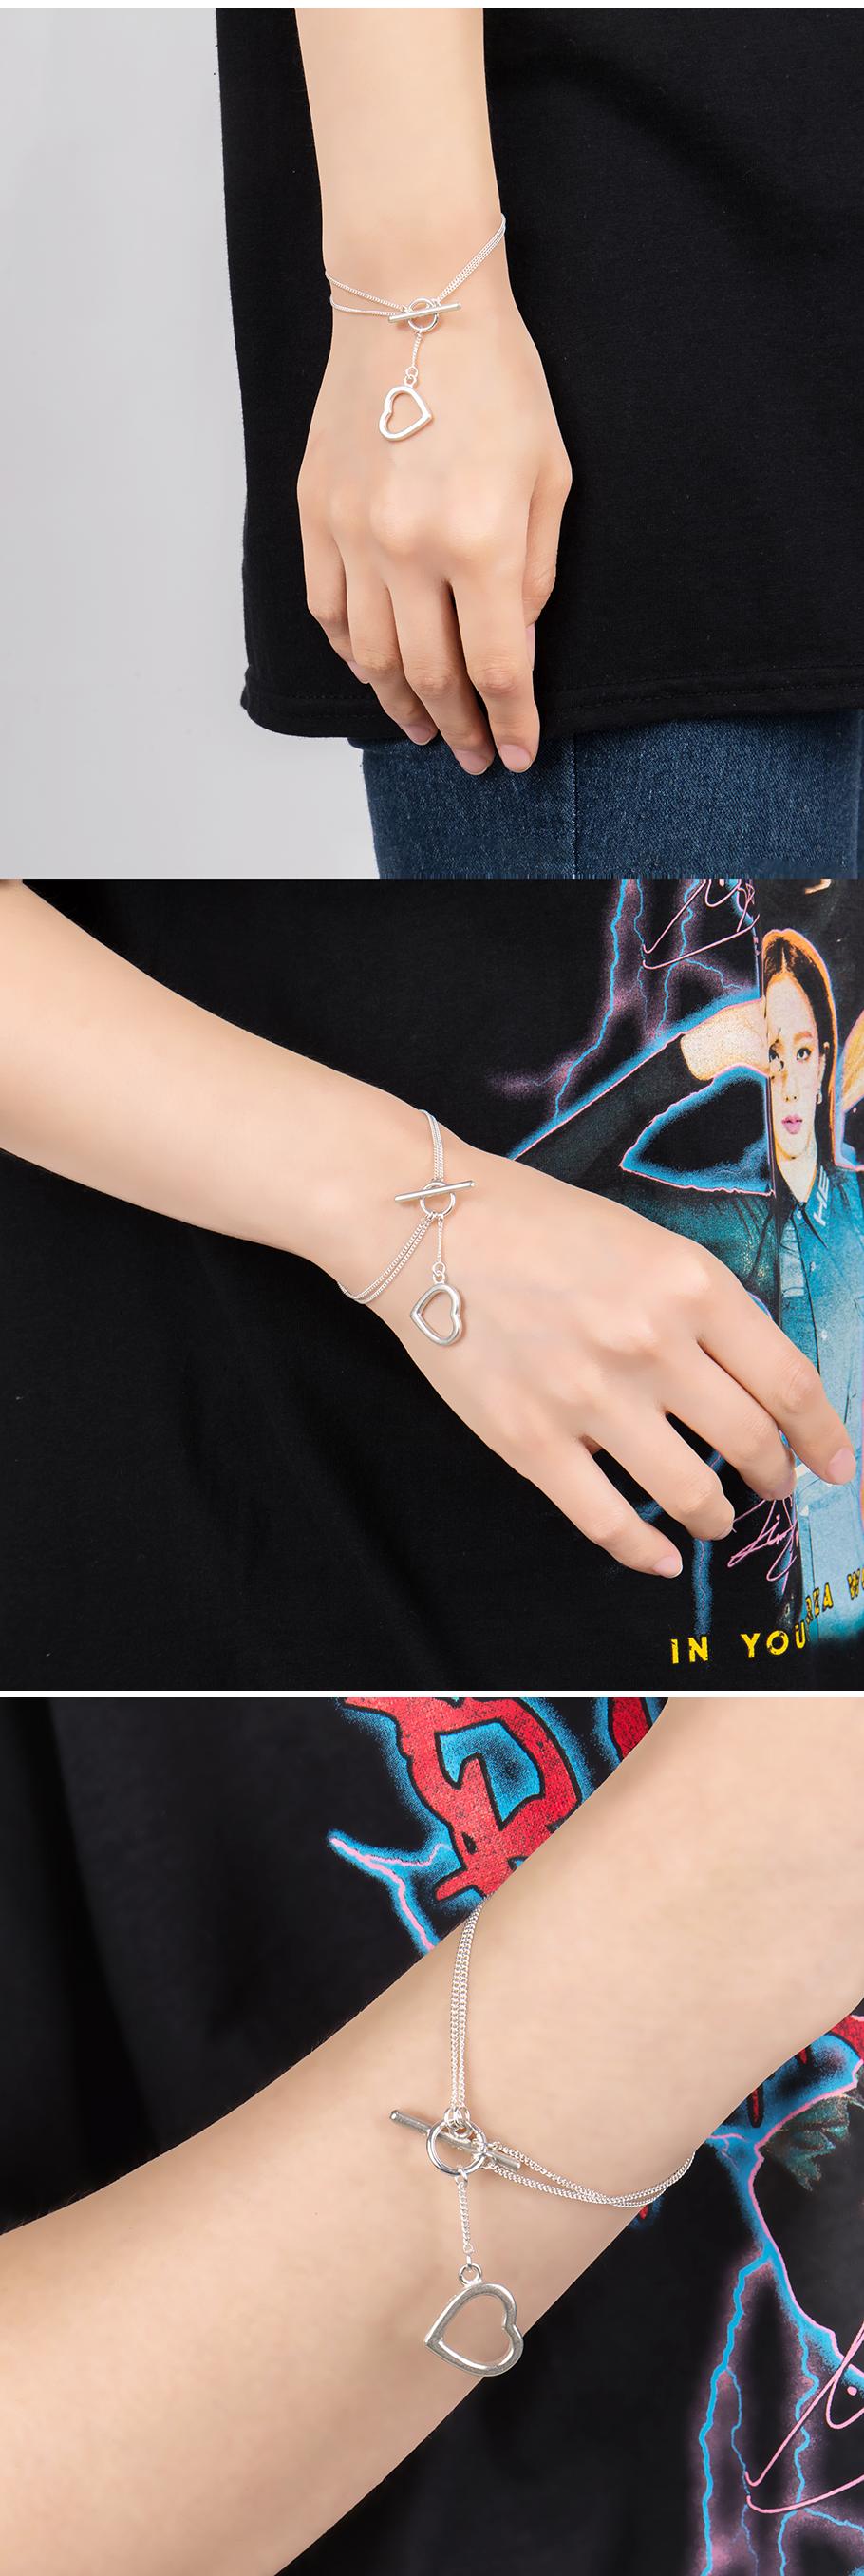 Bracelet.png (910×2712)